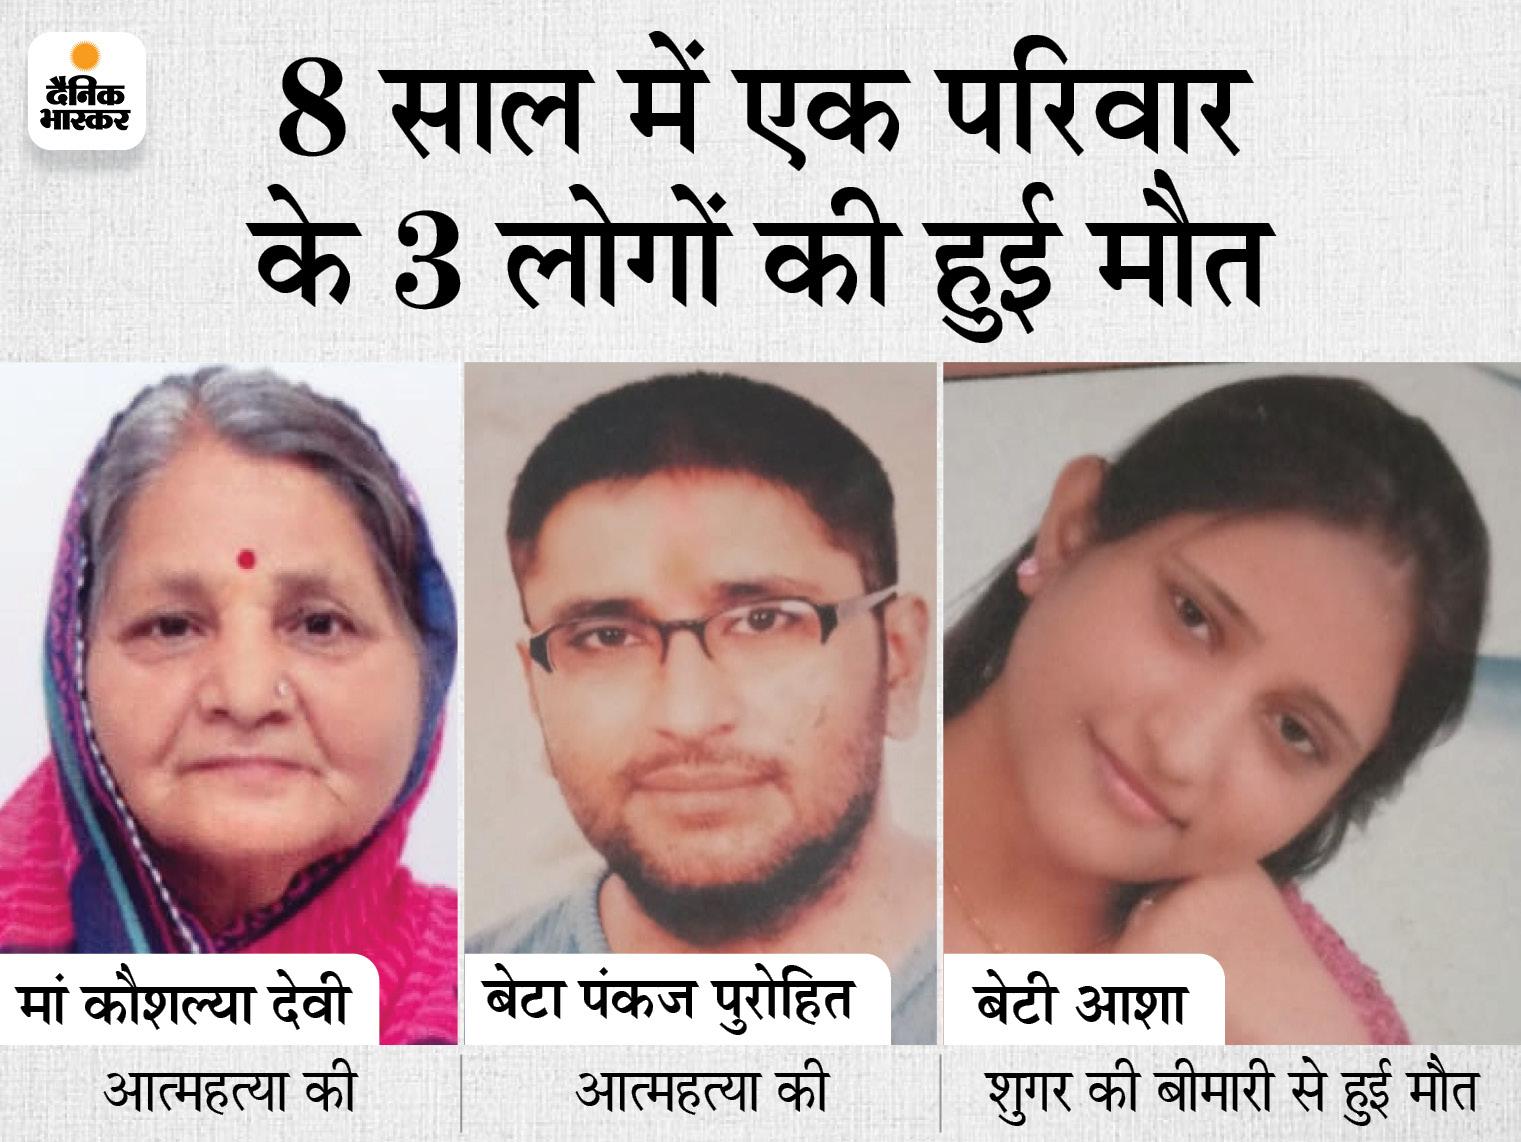 पहले जवान बेटे ने खुदकुशी की, फिर बेटी की बीमारी से मौत हुई, अब मां ने जान दे दी, मानसिक बीमार बेटे की जिम्मेदारी70 साल के बुजुर्ग पर|राजस्थान,Rajasthan - Dainik Bhaskar